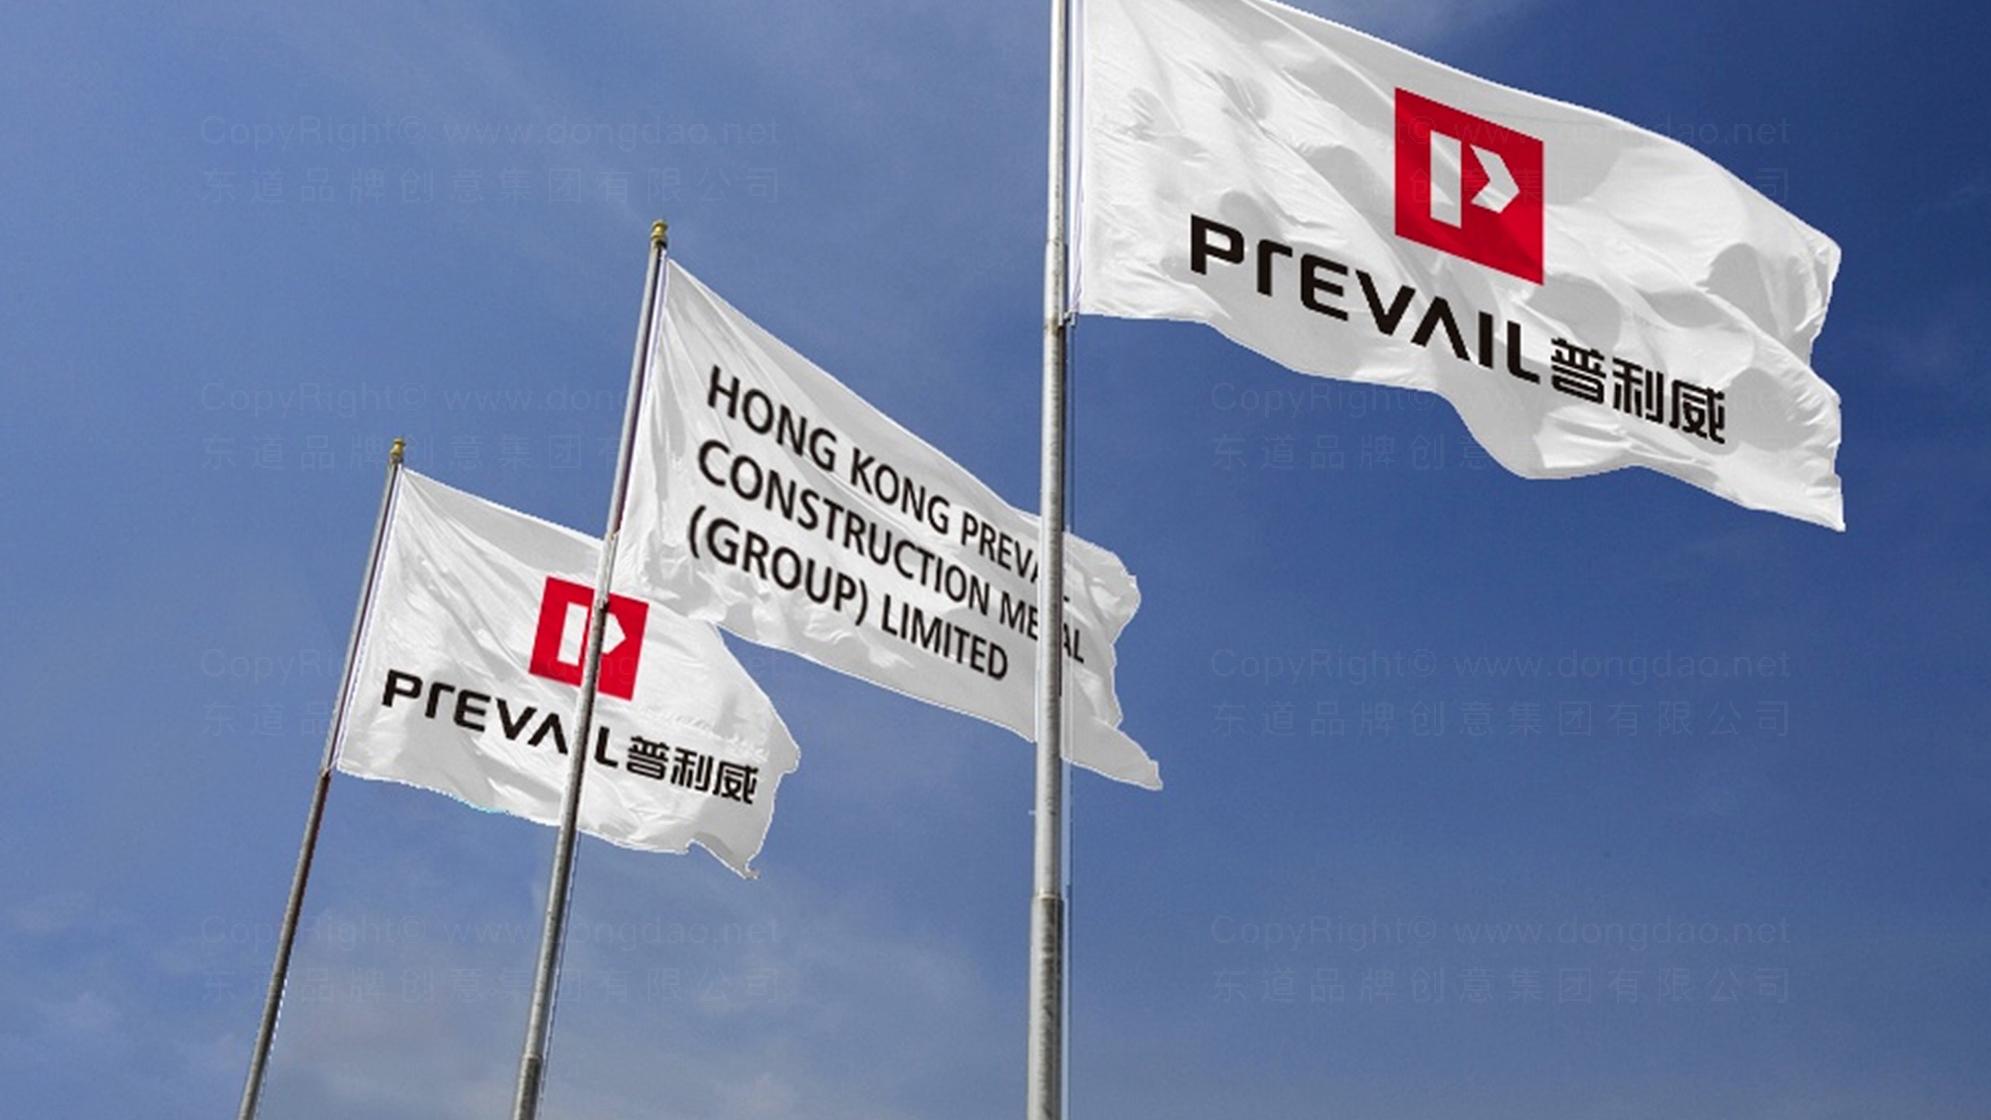 品牌设计香港普利威建筑五金(集团)有限公司标志设计LOGO&VI设计应用场景_6